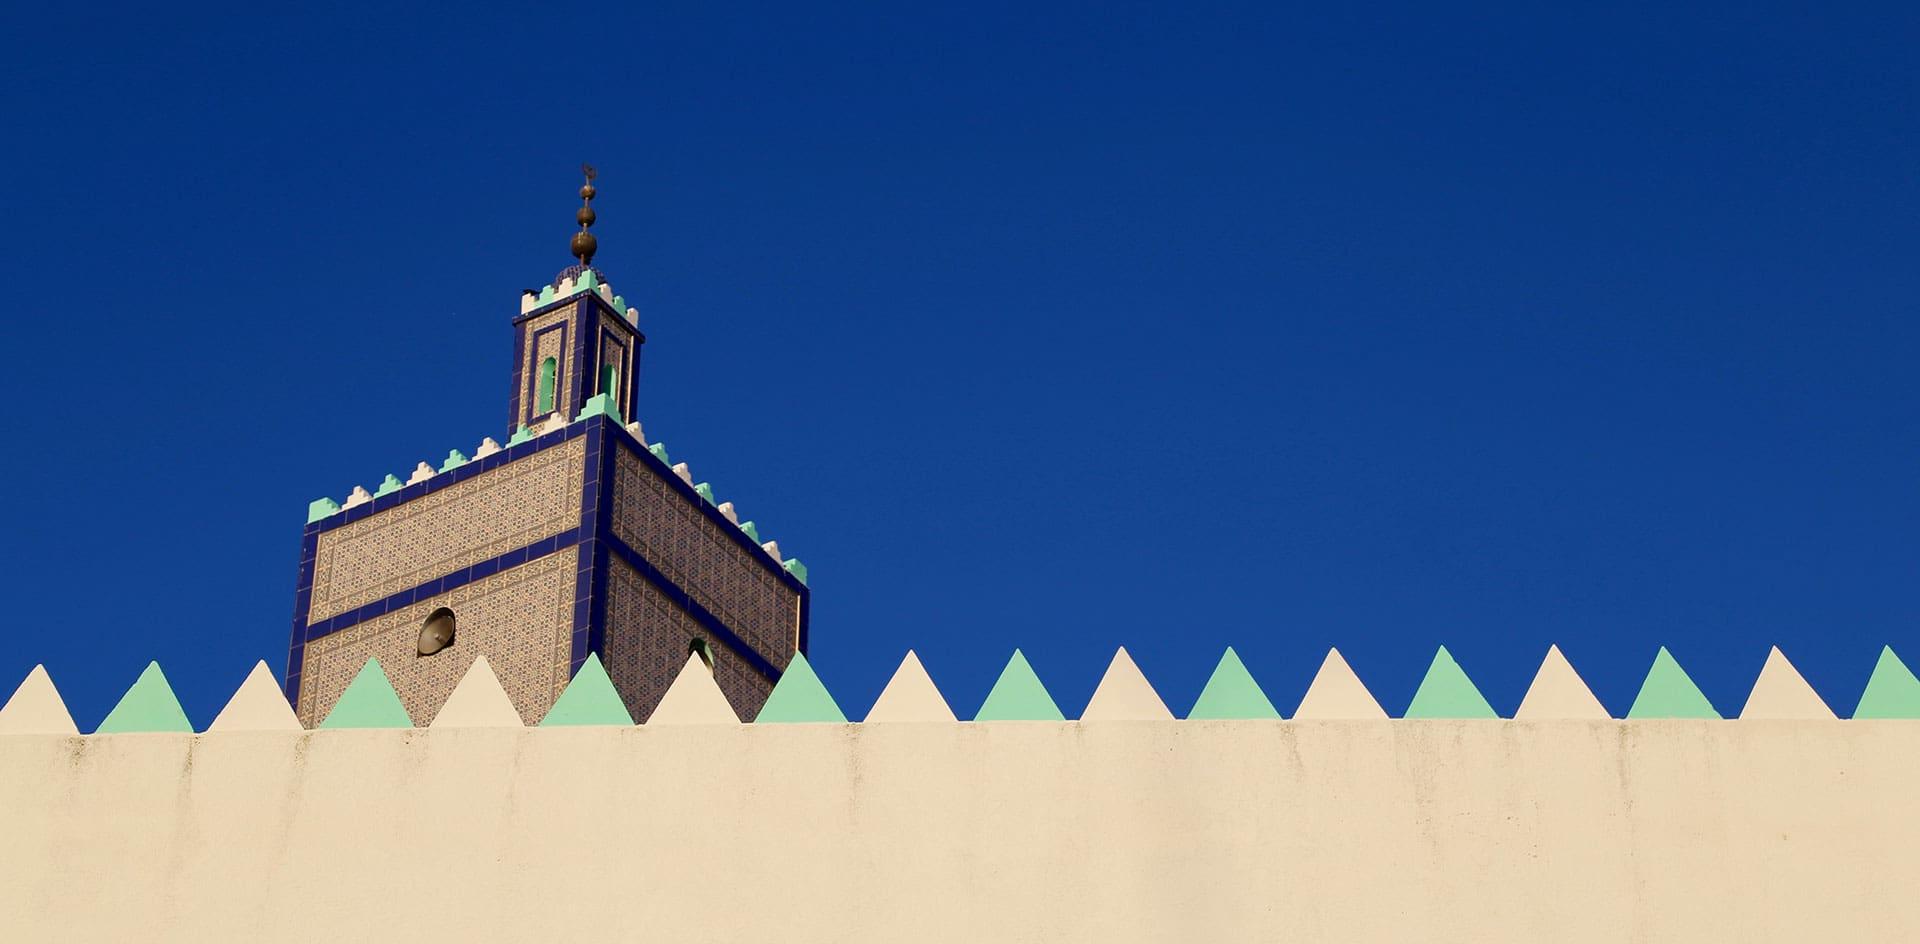 mezquita-asilah-muralla